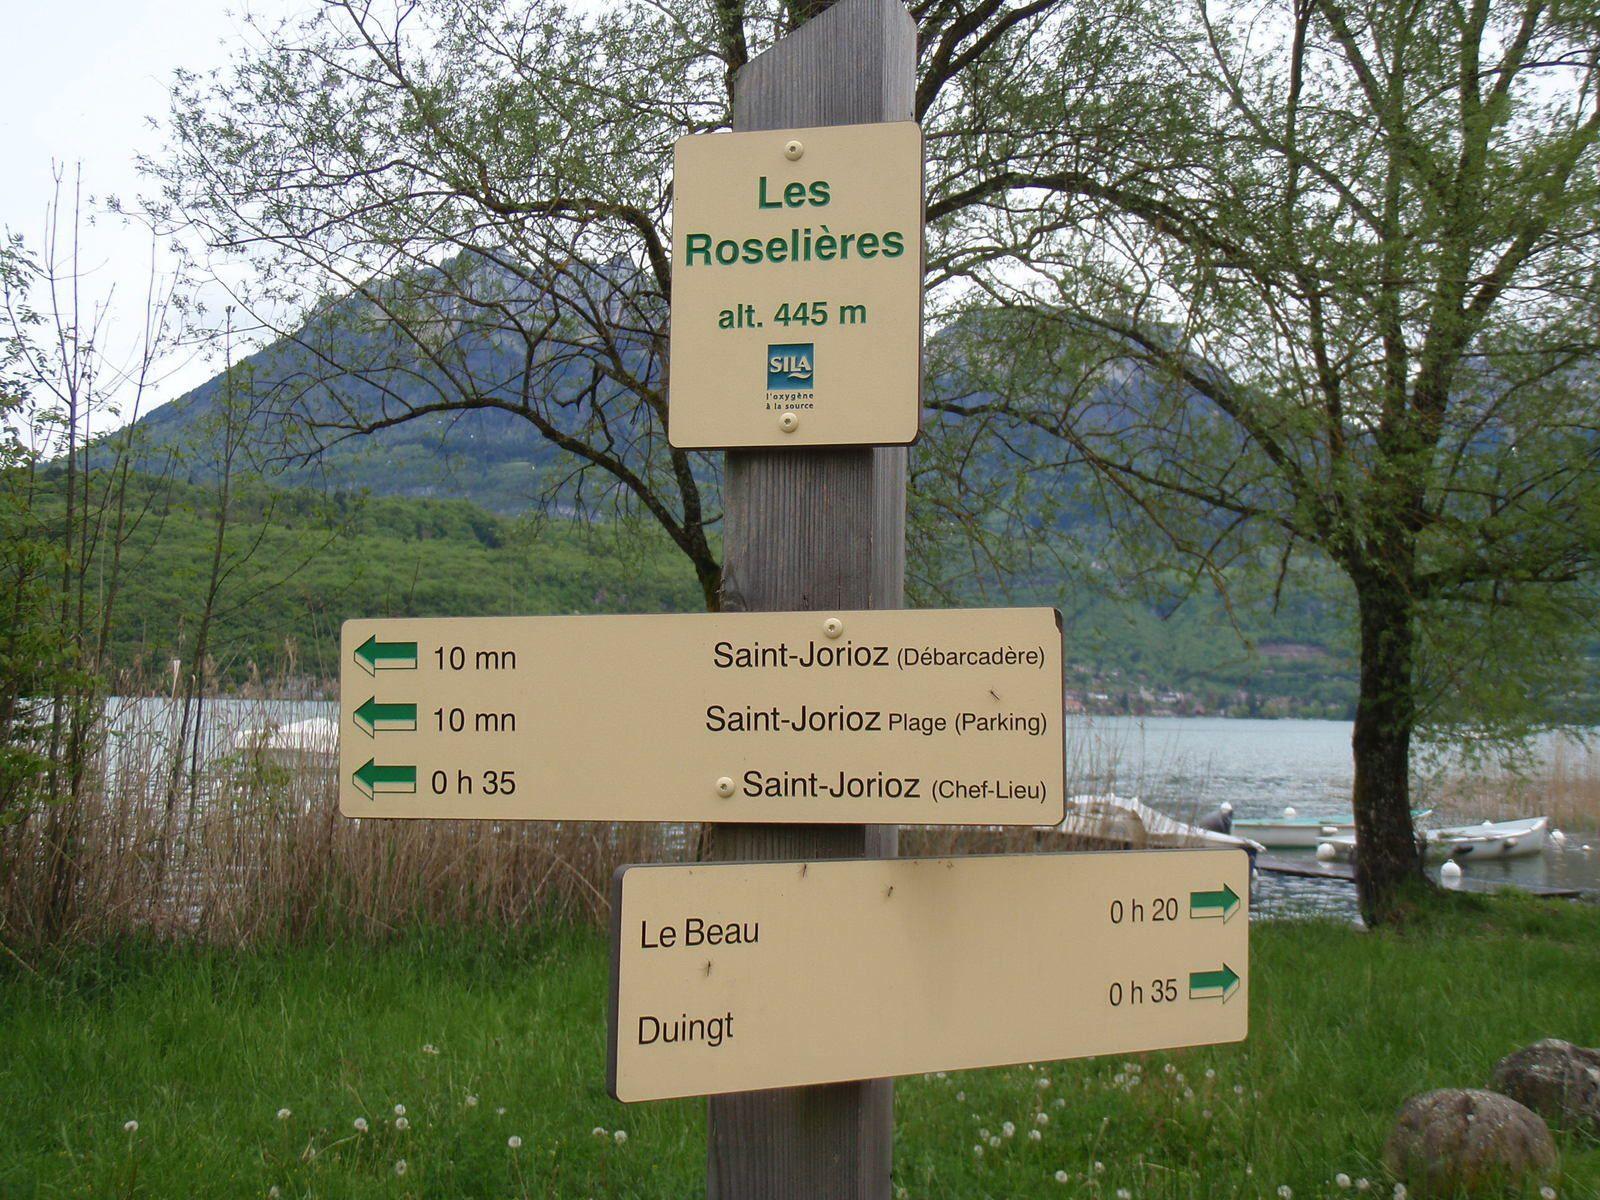 Lac d'Annecy: Sentier des Roselières (St Jorioz&gt&#x3B;&gt&#x3B;&gt&#x3B;Duingt)